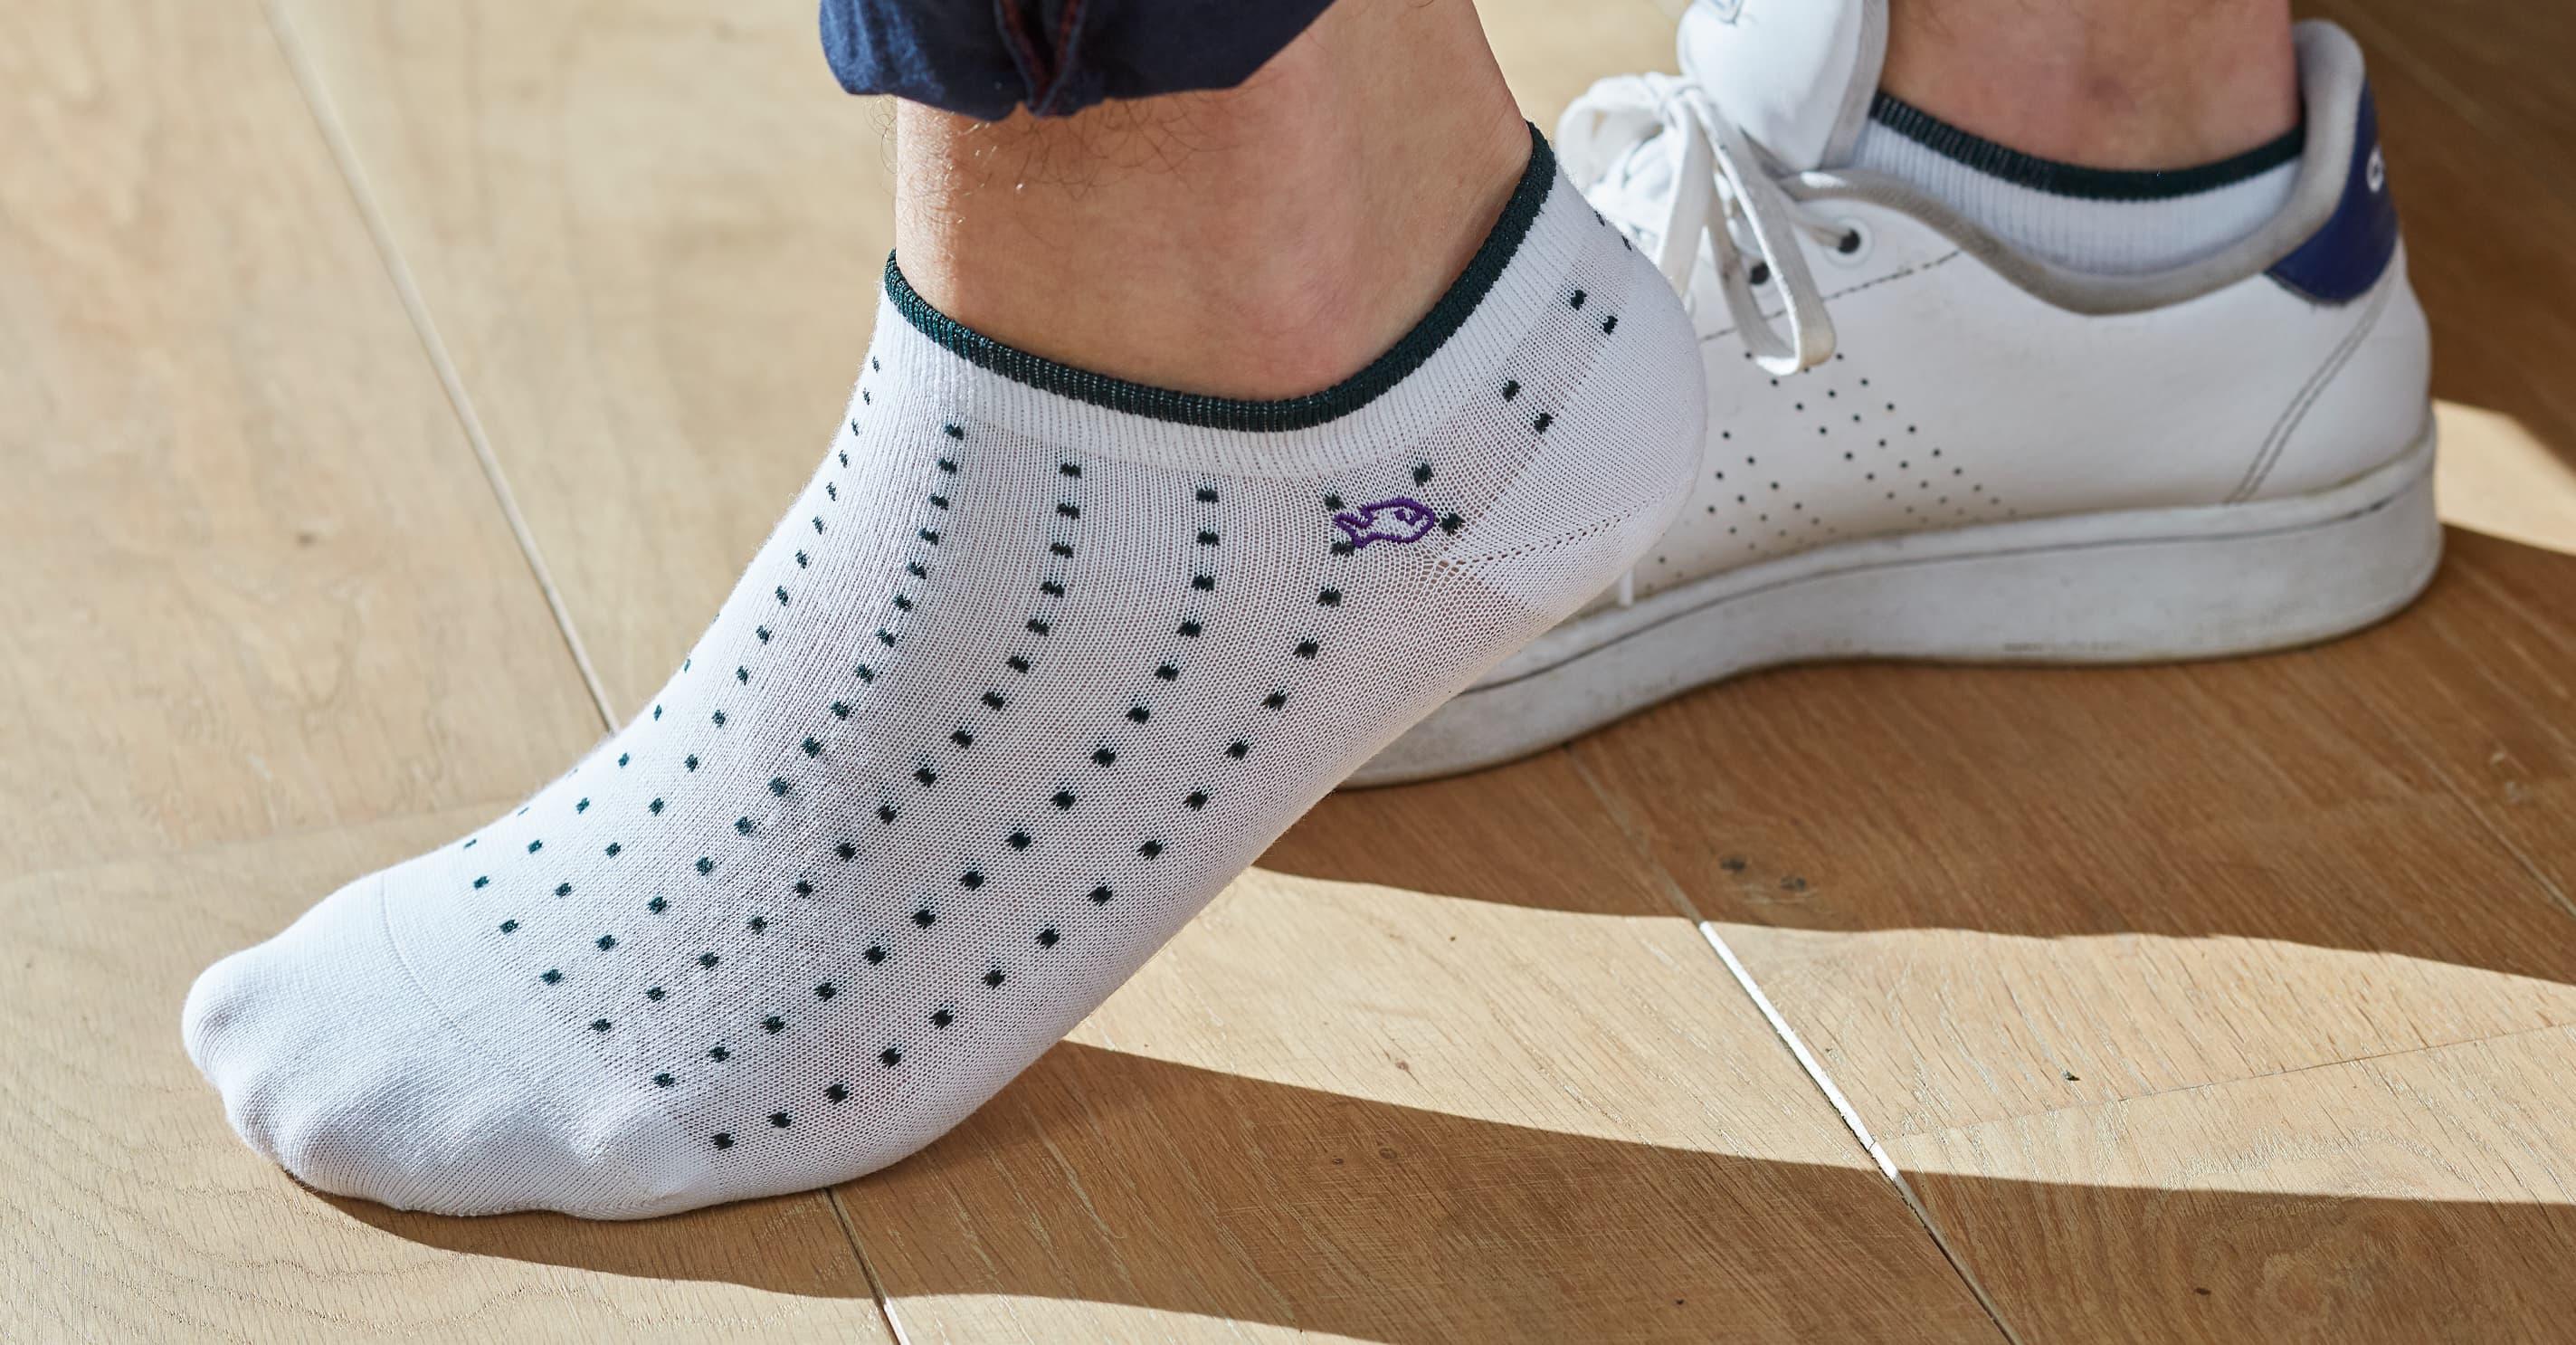 Les socquettes homme sont idéales au printemps, en été et pour votre sport. Les socquettes sont chaussettes courtes dont les bordures se placent au niveau de vos chevilles. Elles se portent à l'intérieur de vos chaussures de ville, de vos sneakers ou de vos baskets.   Confectionnées avec des matières naturelles, du coton 100 % peigné, les socquettes homme de notre collection sont d'excellente qualité. Fabriquées à partir des longues fibres de coton, les socquettes sont préservées du boulochage et de leur usure trop rapide. La qualité de notre coton permet aussi de réduire la transpiration et les mauvaises odeurs. De plus, chaque socquette est remaillée à la main. Une méthode des plus raffinées habituellement utilisée par les maisons de luxe. Le remaillage à la main consiste à reprendre maille par maille les coutures des socquettes afin qu'elles soient imperceptibles au toucher.